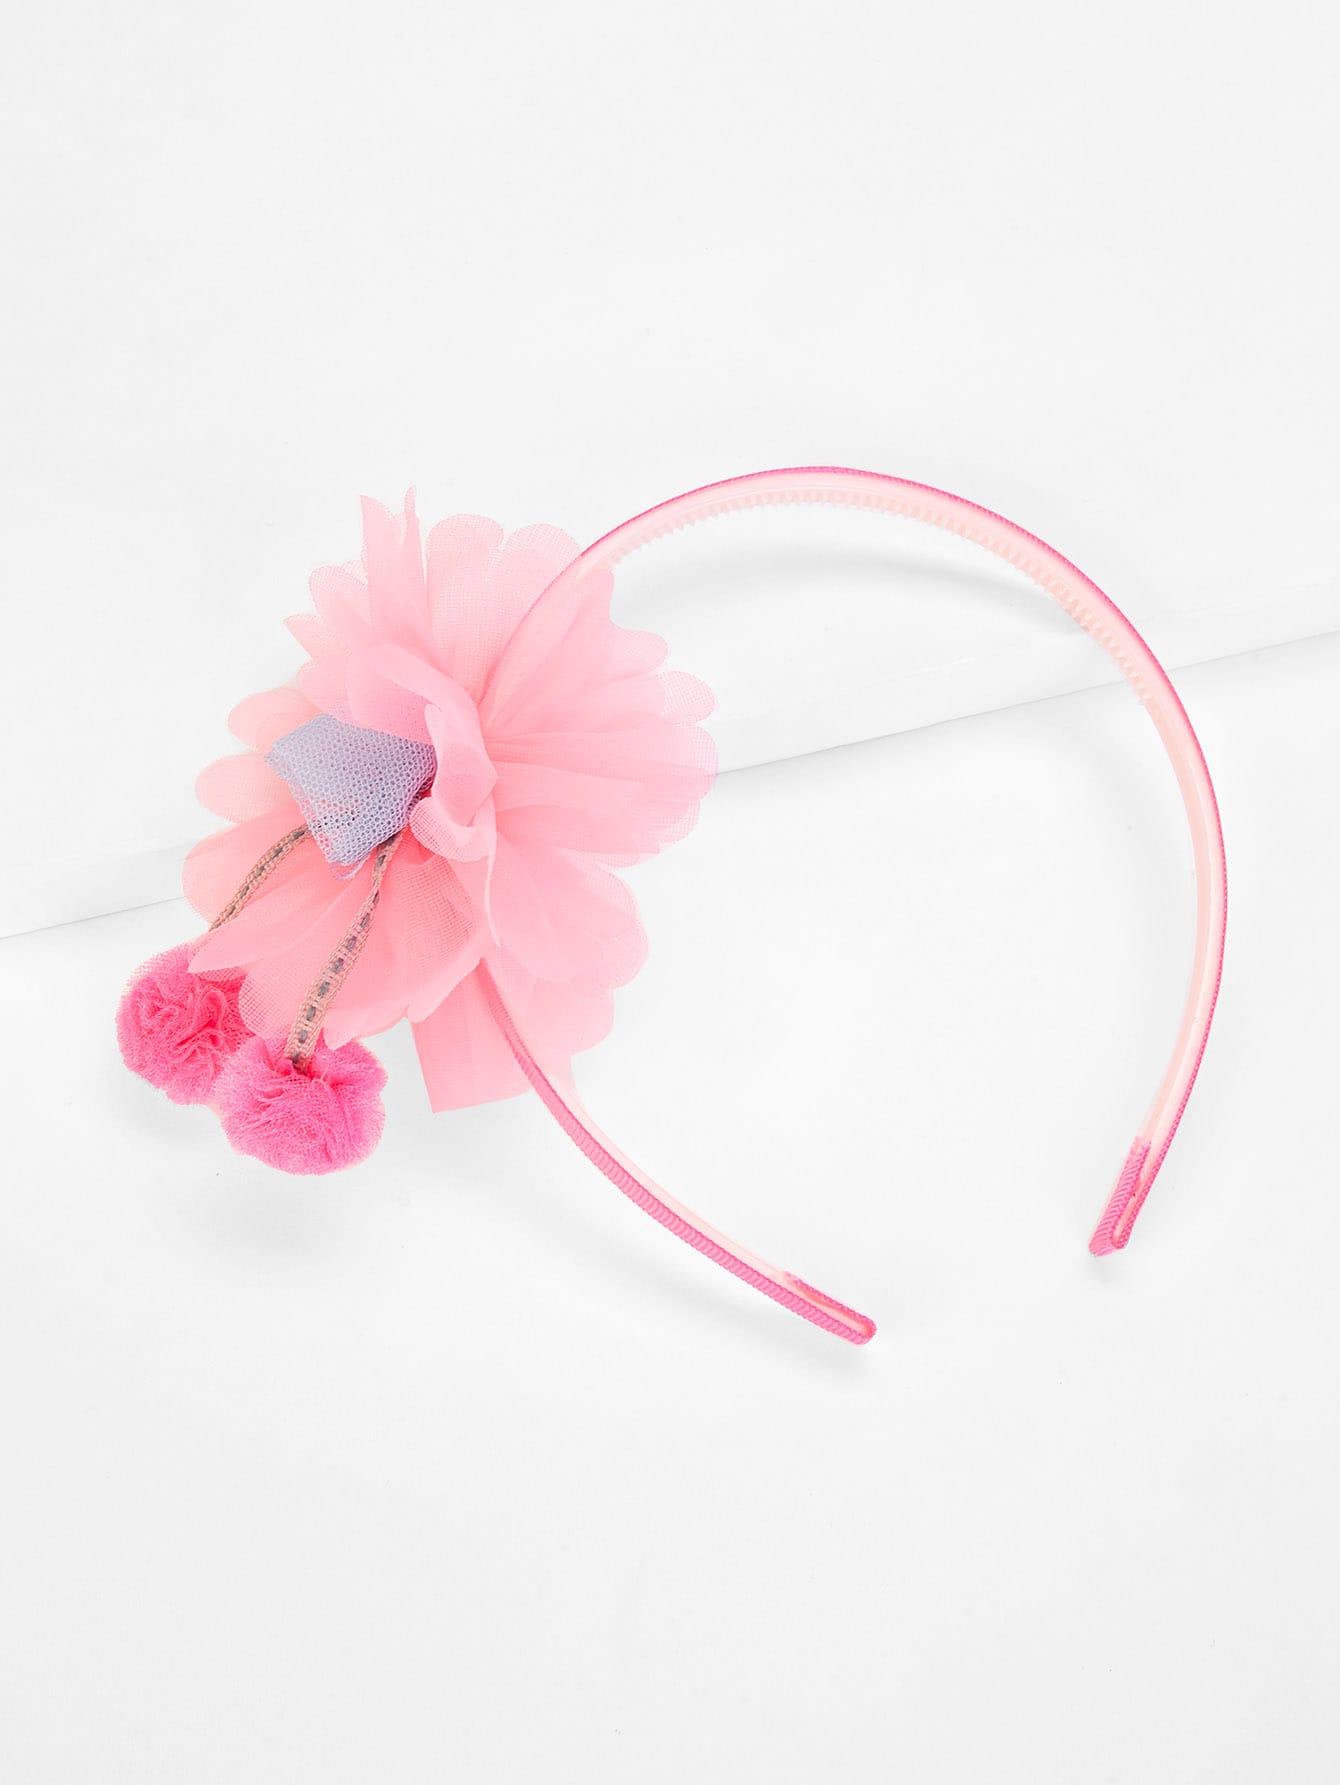 Flower Decorated Kids Headband With Pom Pom flower decorated kids headband with pom pom